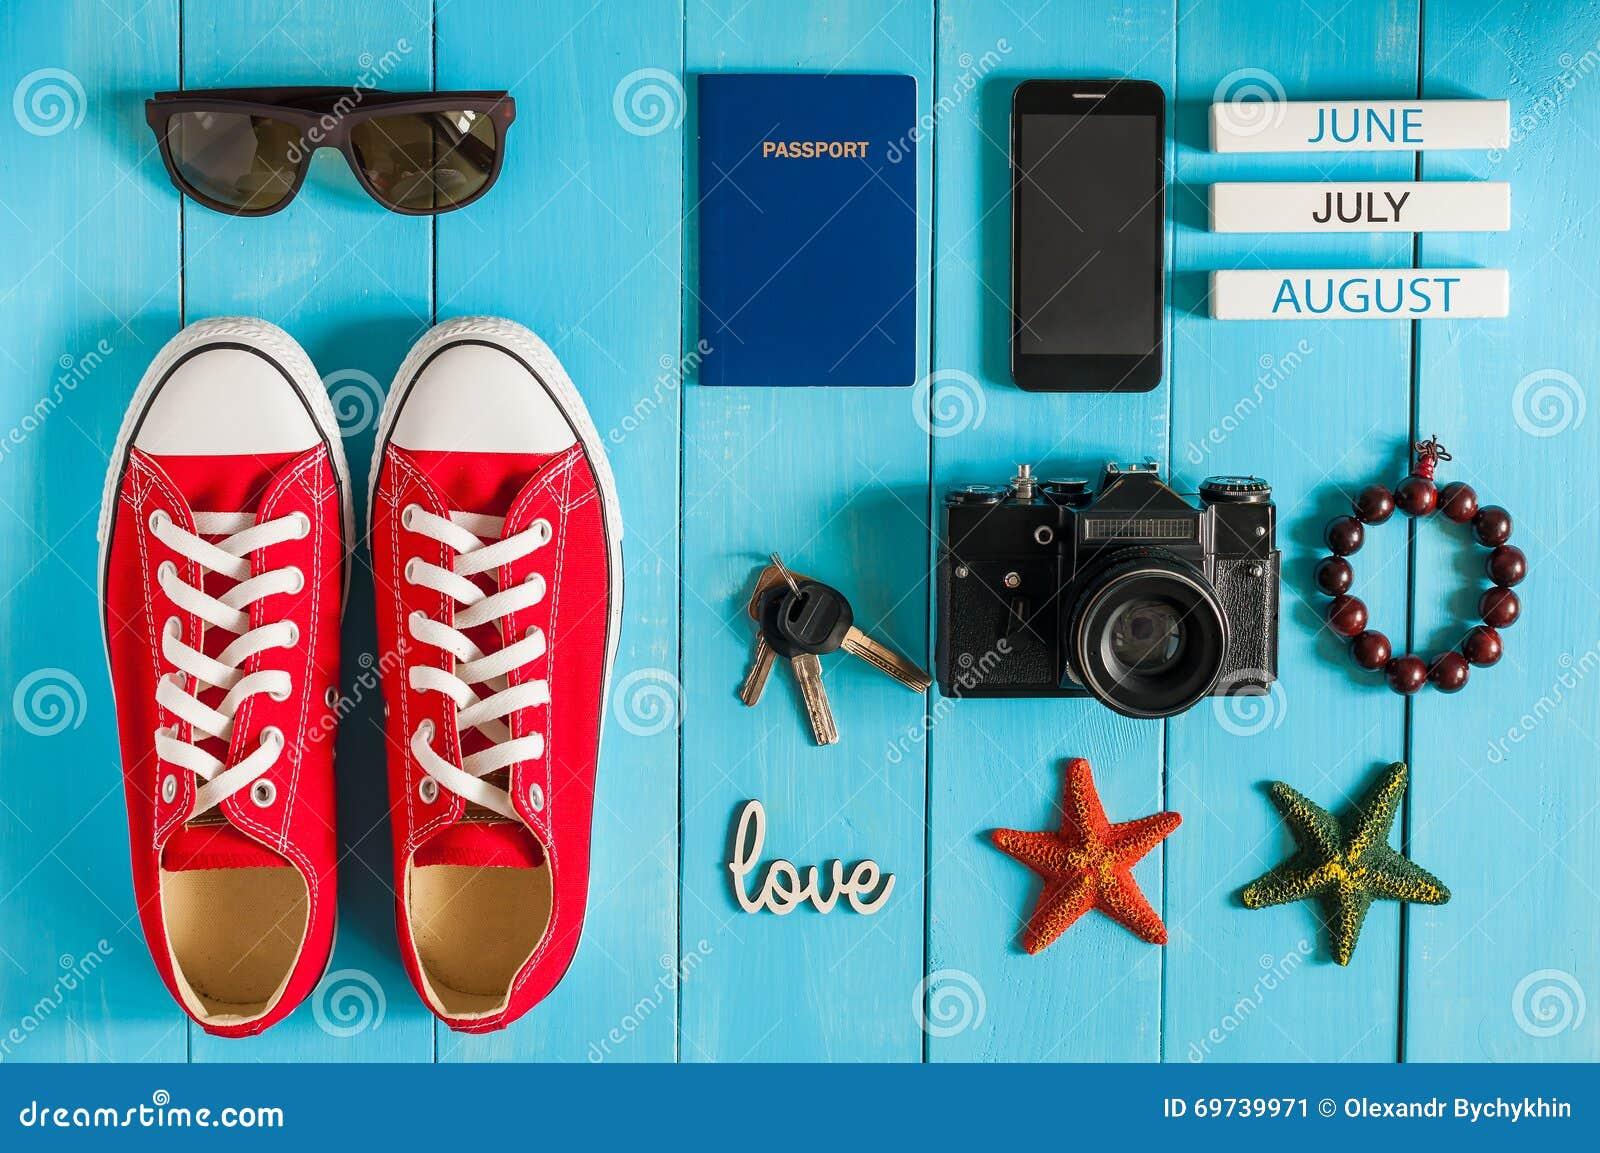 Θερινή εξάρτηση του ταξιδιώτη, του σπουδαστή, του εφήβου, του κοριτσιού, της νέου γυναίκας ή του τύπου Γενικά έξοδα των προϊόντων